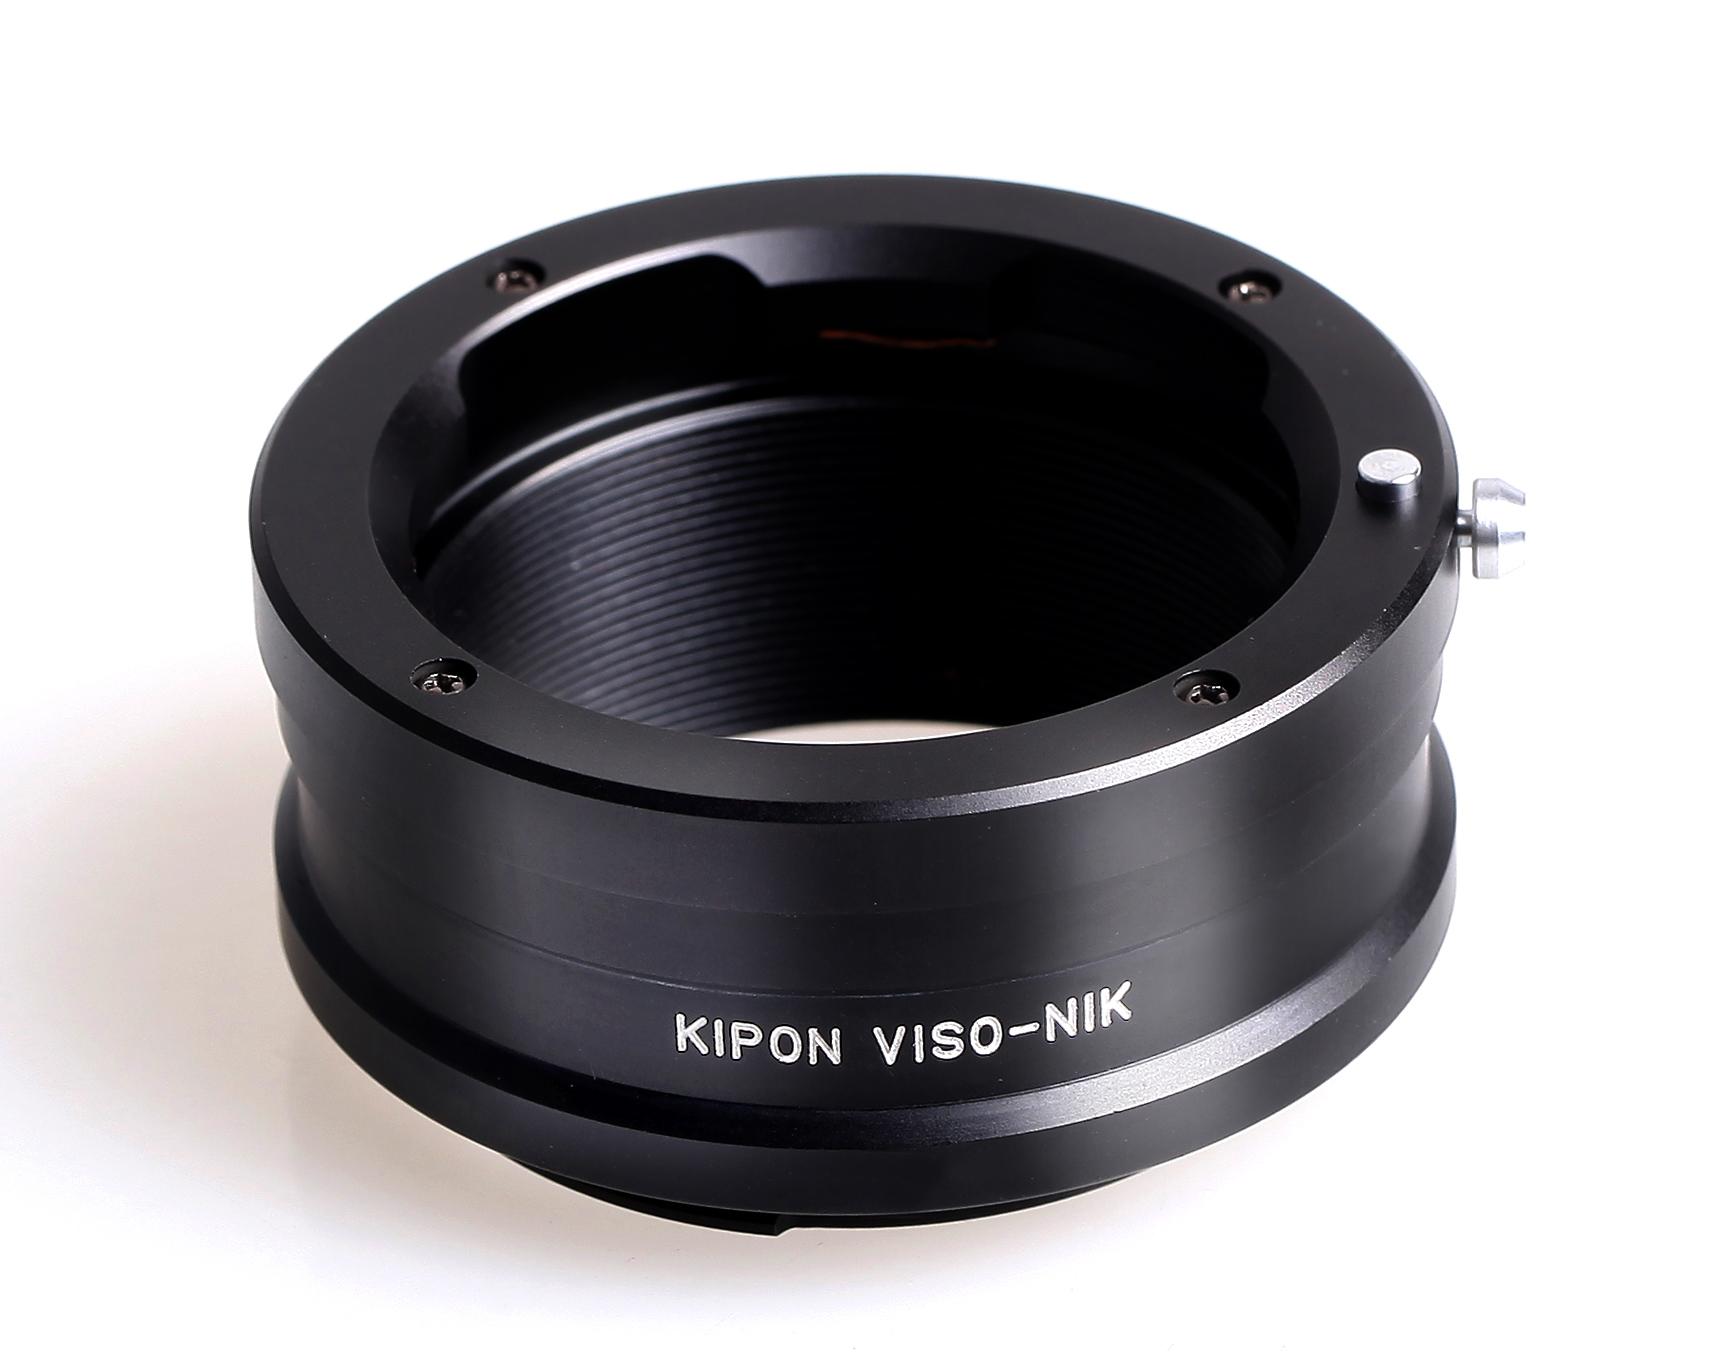 スーパーセール ライカビゾフレックスマウントのレンズをニコンFマウントのボディで使用する為のマウントアダプターです KIPON VISO-NIK マウントアダプター まとめ買い特価 ボディ側:ニコンF レンズ側:ライカビゾフレックス